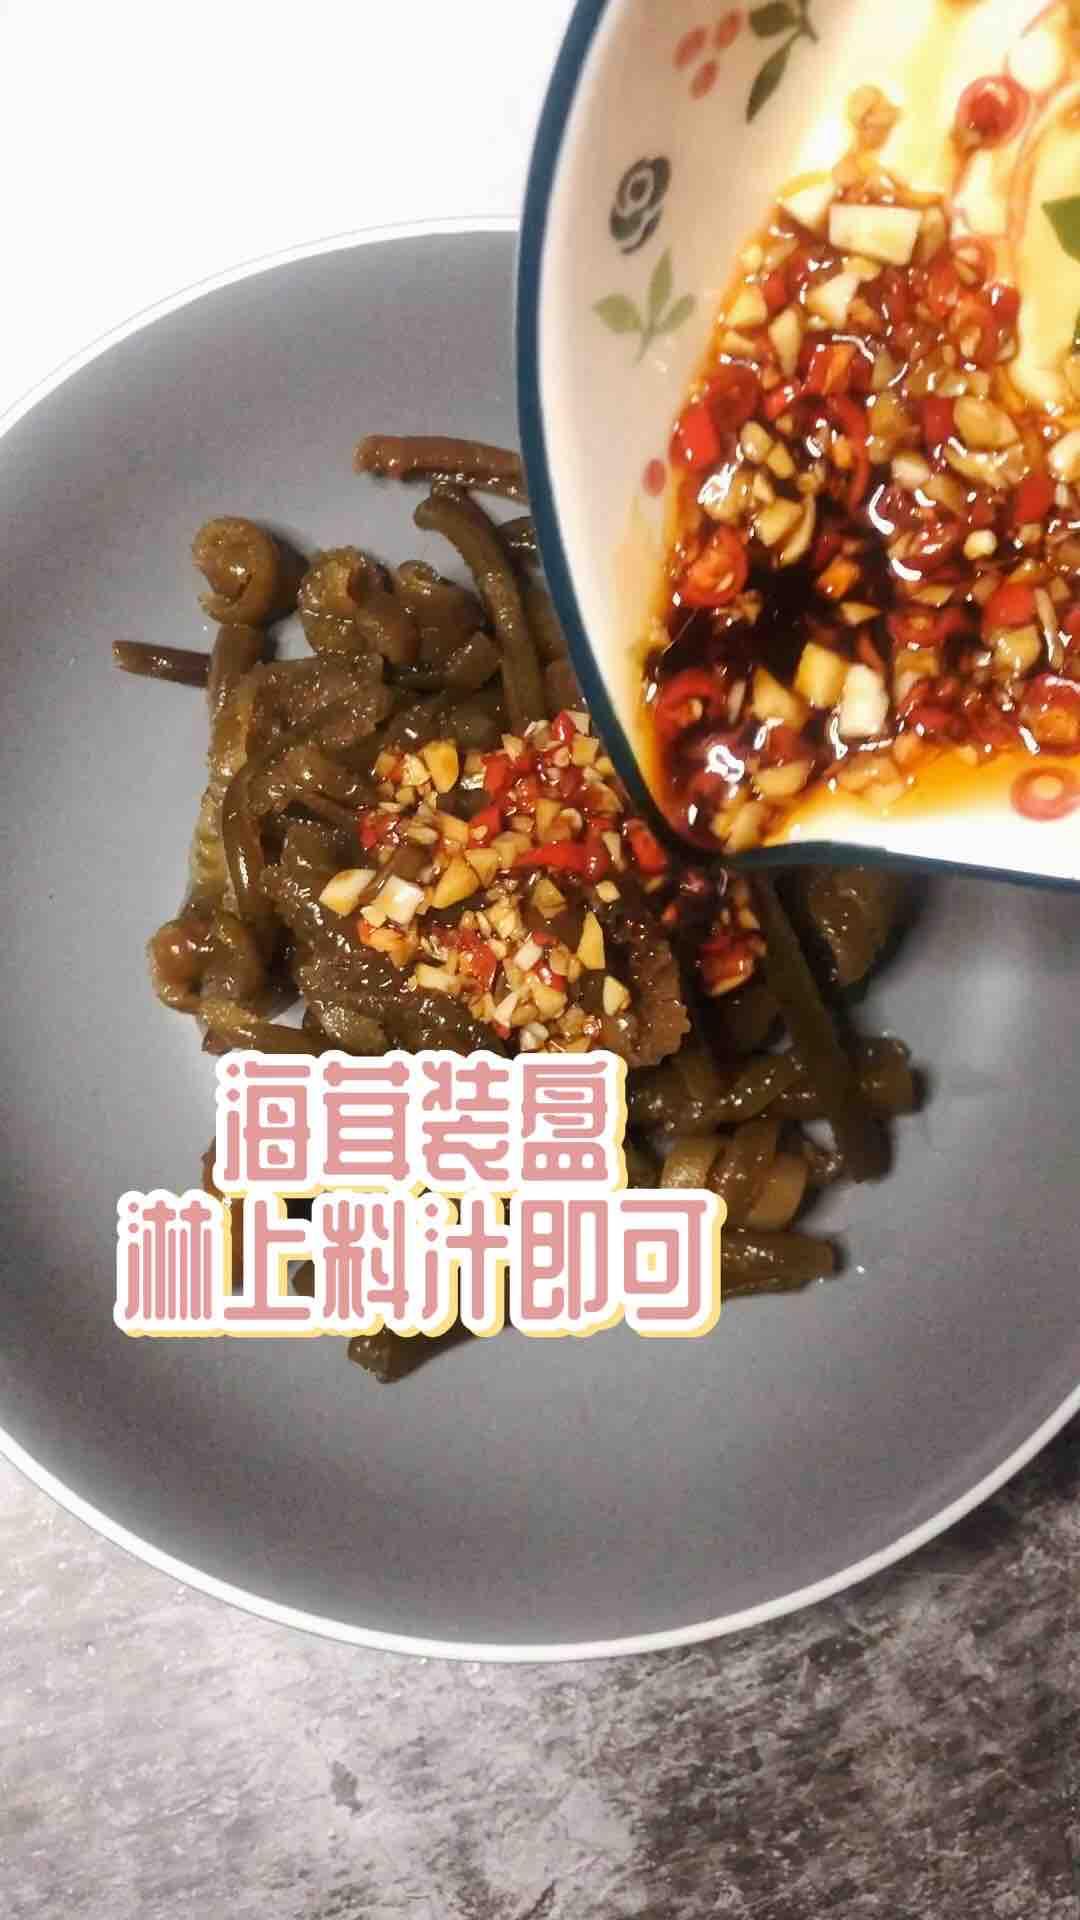 米椒拌海茸的简单做法